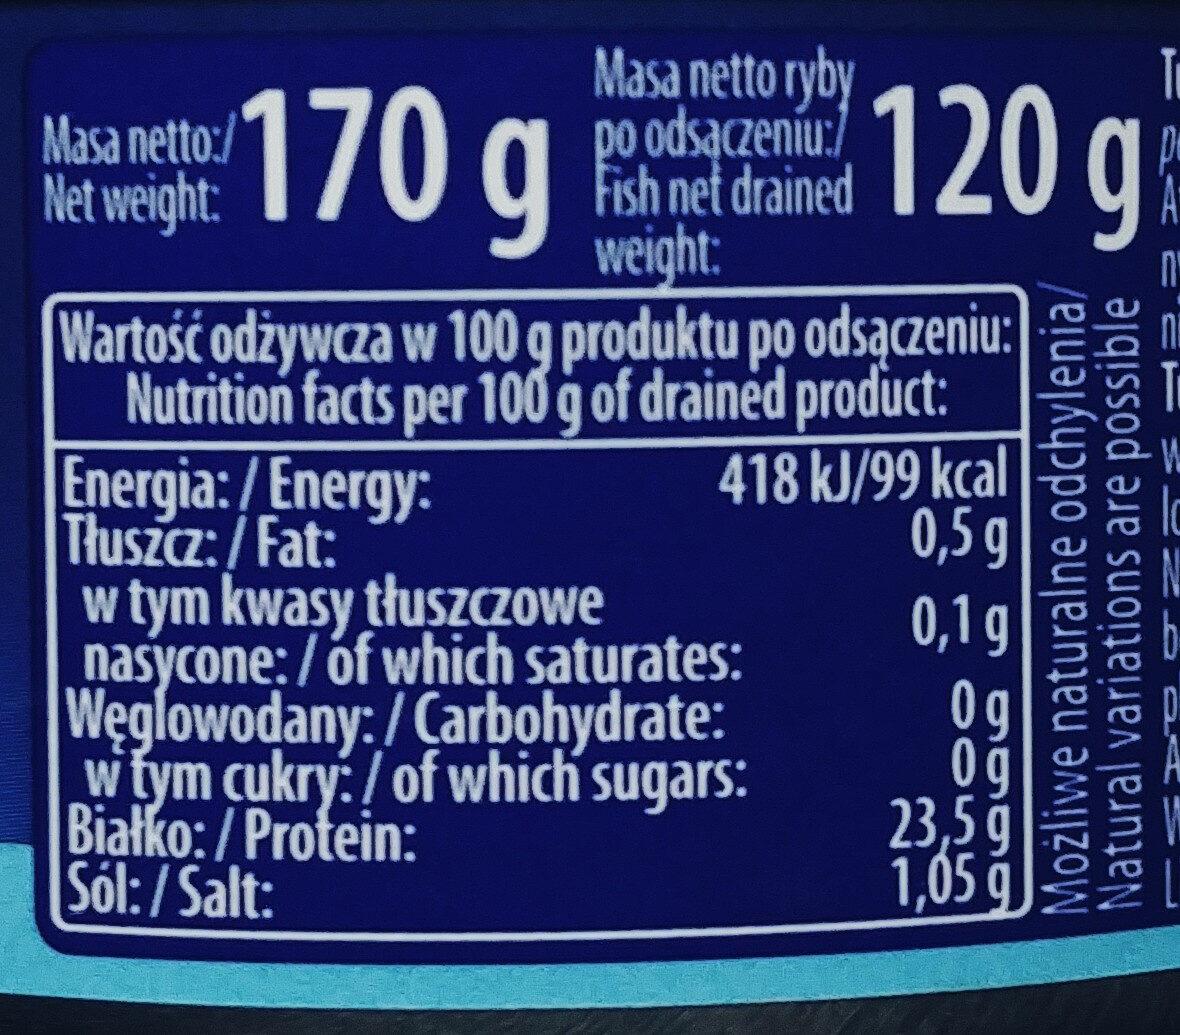 Tuńczyk w kawałkach w sosie własnym. - Informations nutritionnelles - pl